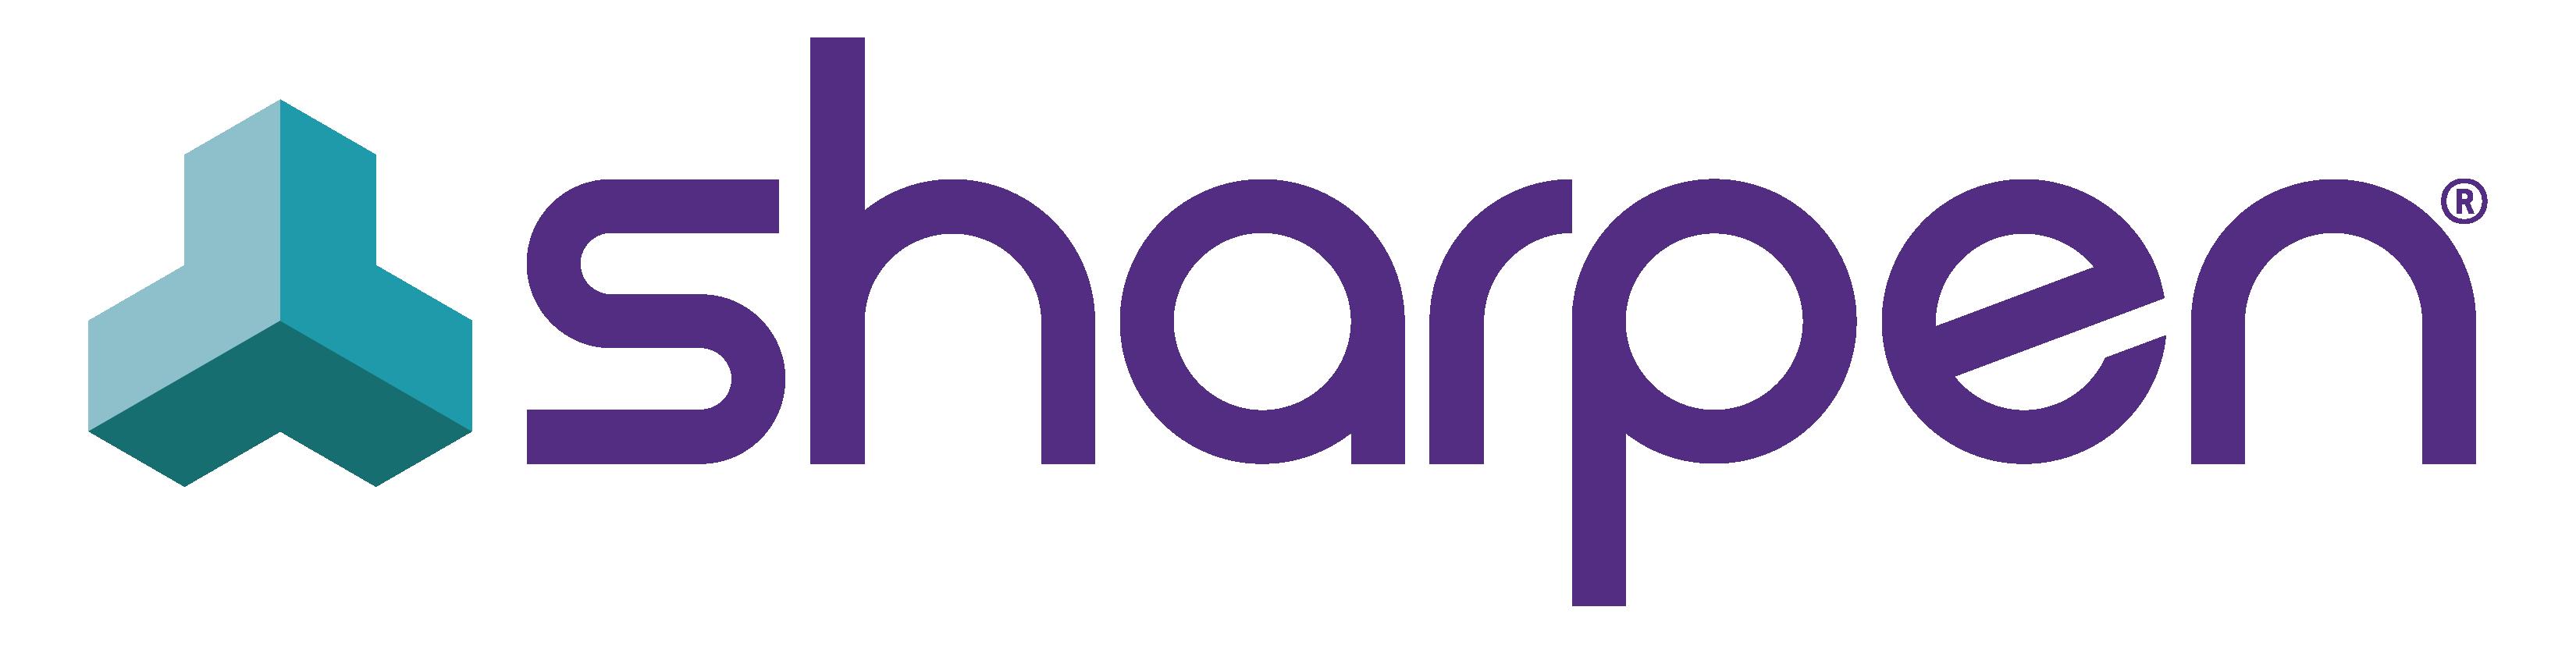 Sharpen Full-Size Logo